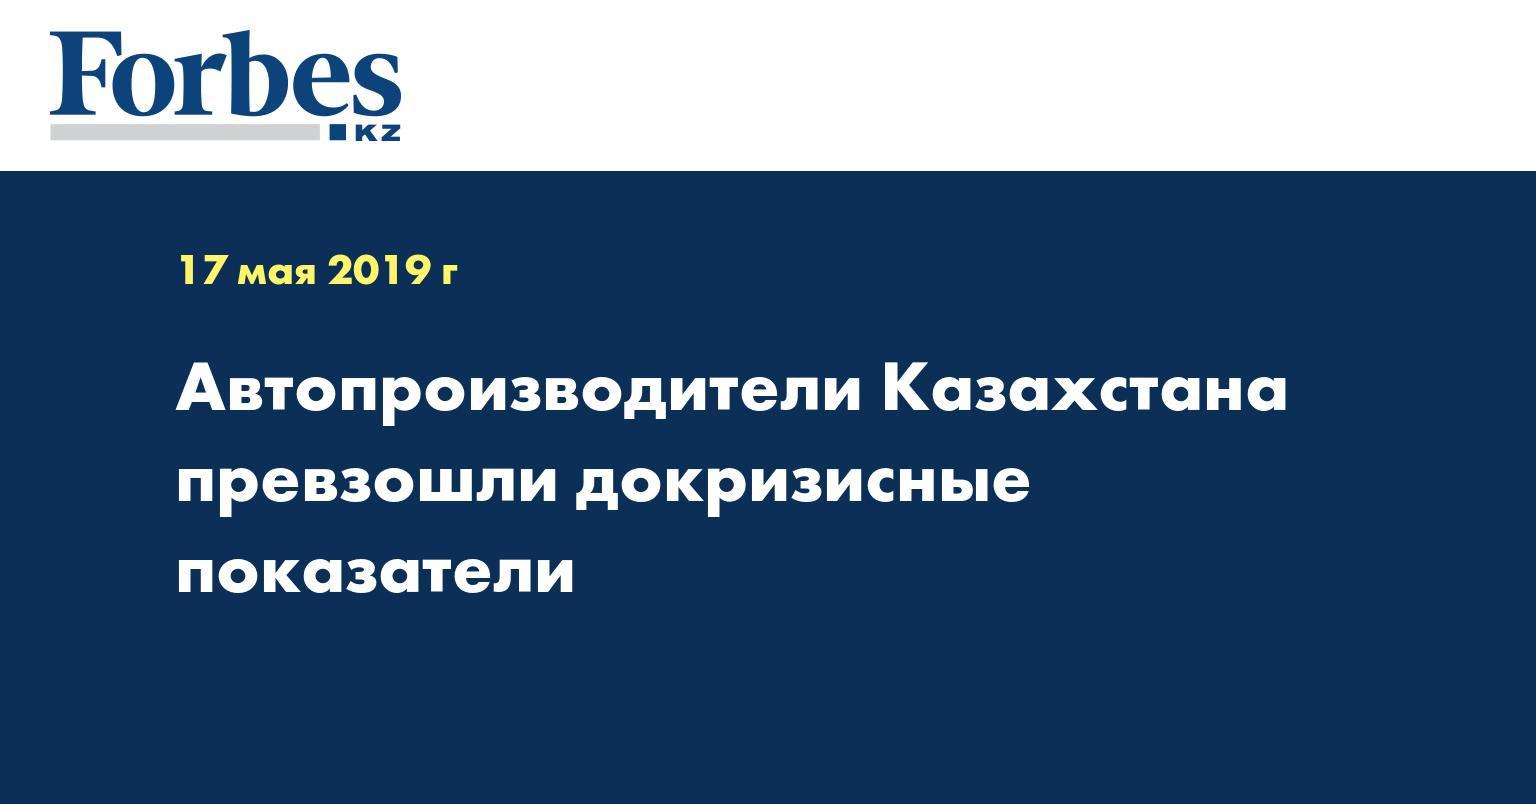 Автопроизводители Казахстана превзошли докризисные показатели